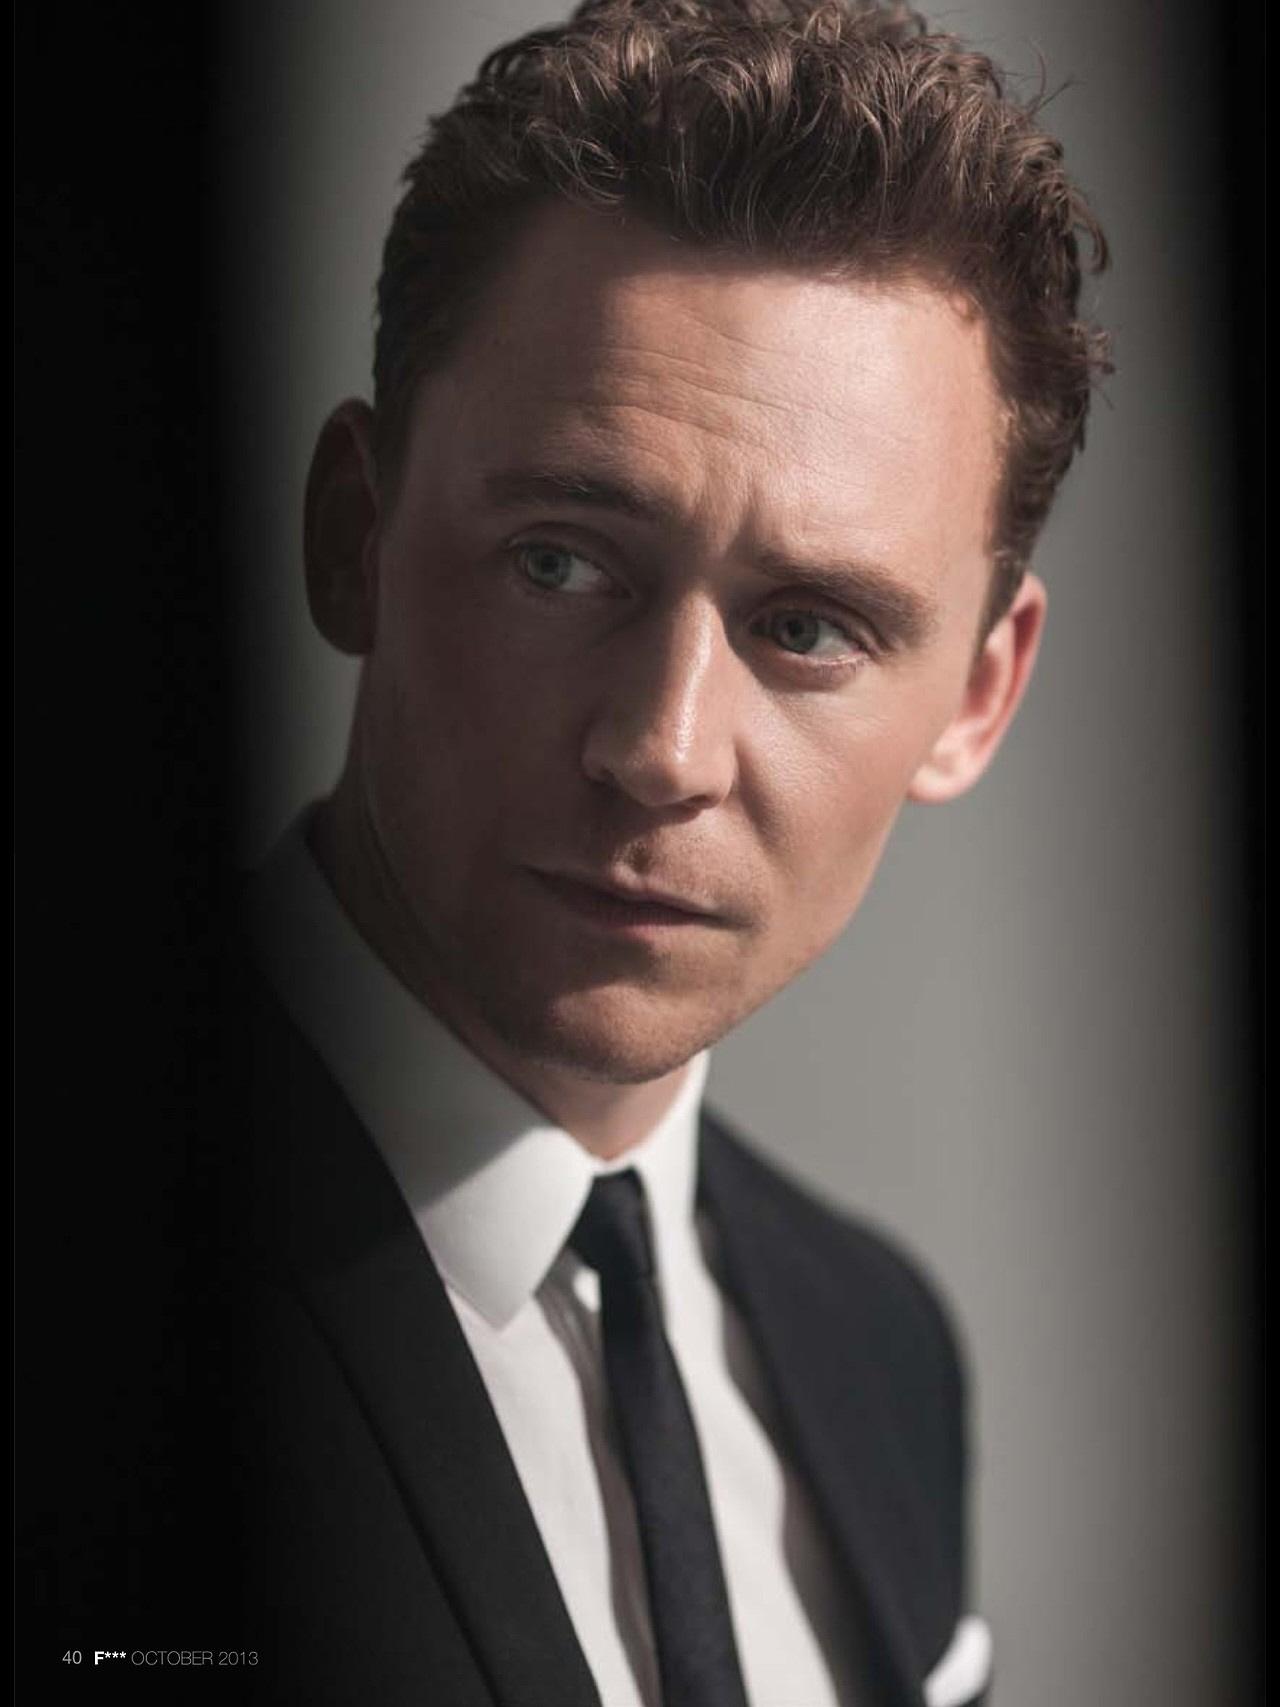 tom hiddleston henry v